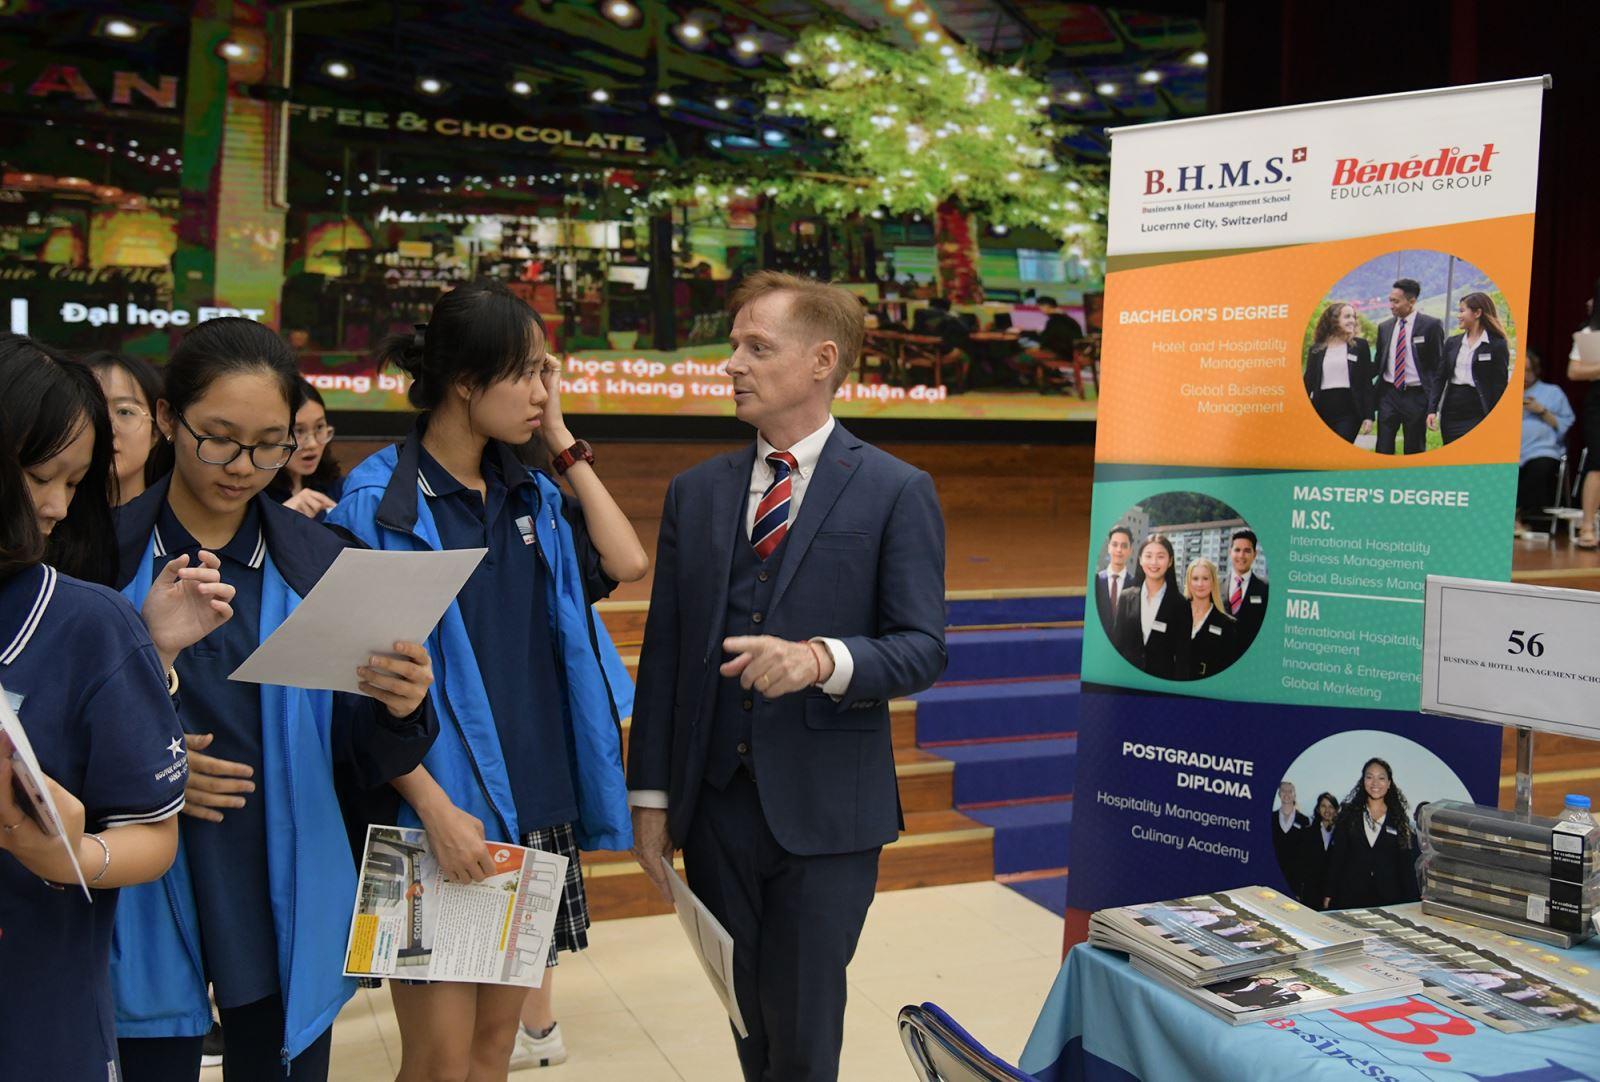 66 trường quốc tế và trong nước tham dự ngày hội hướng nghiệp Nguyễn Siêu